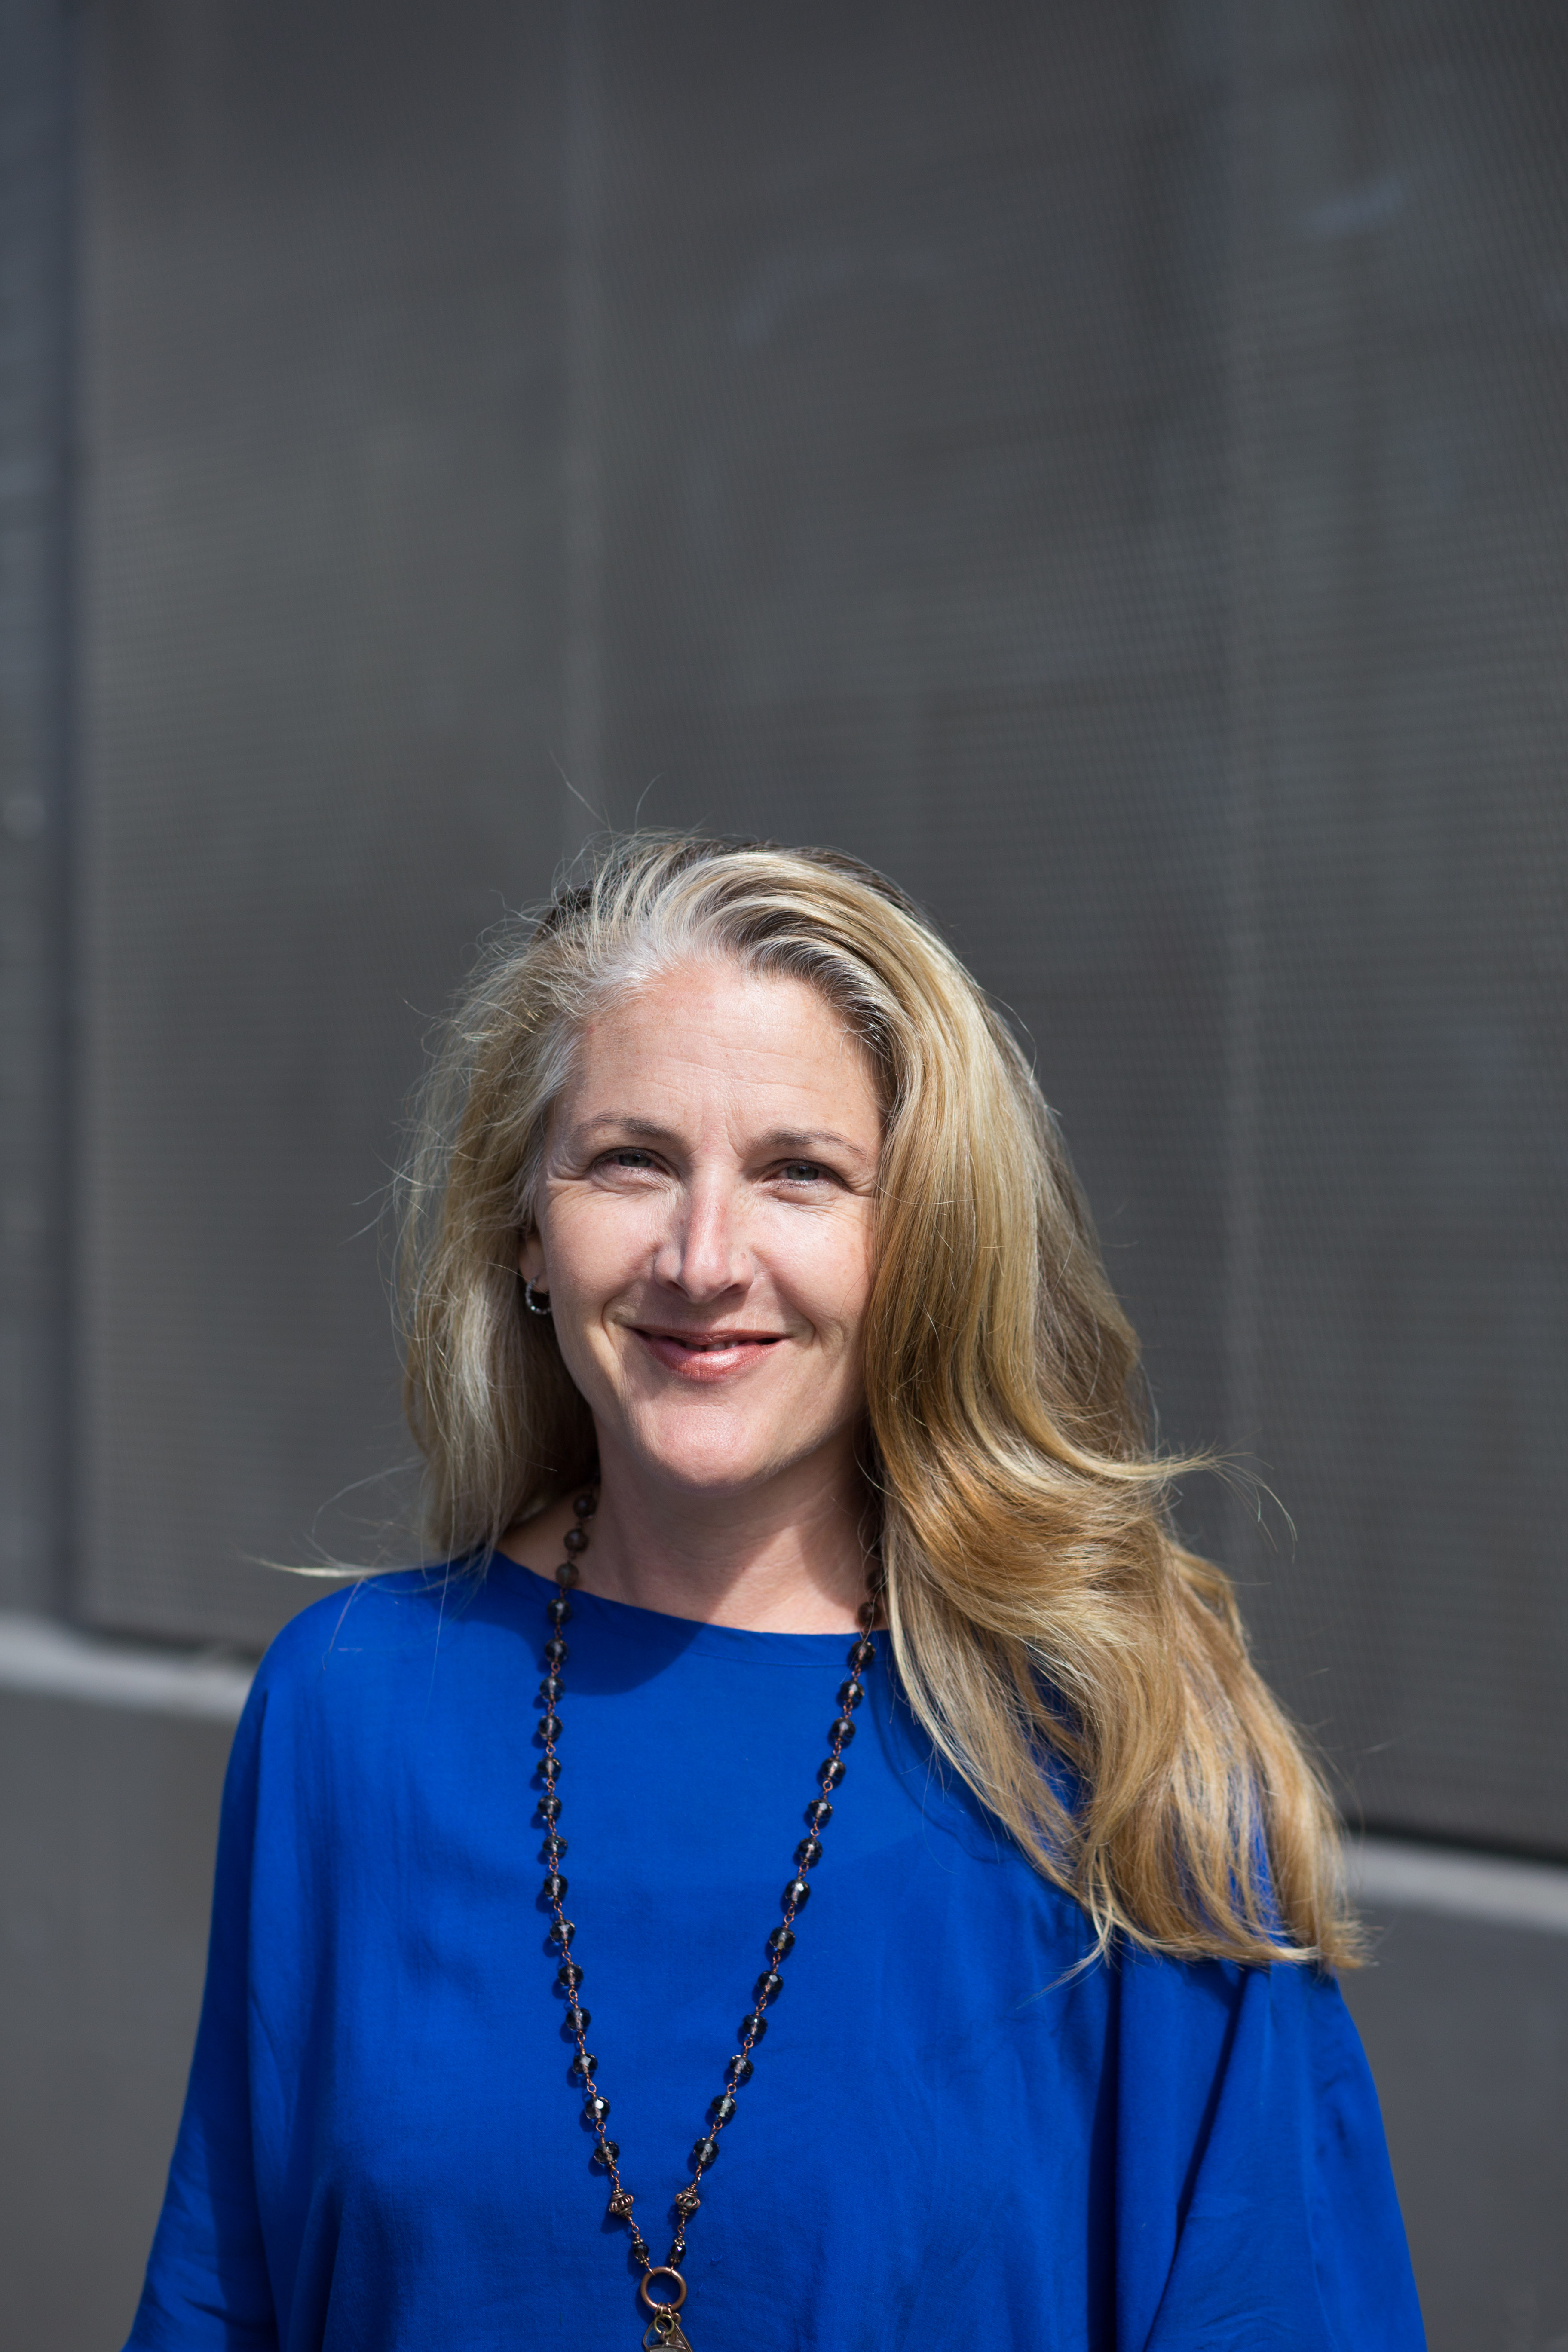 Timbuk2 CEO Patti Cazzato